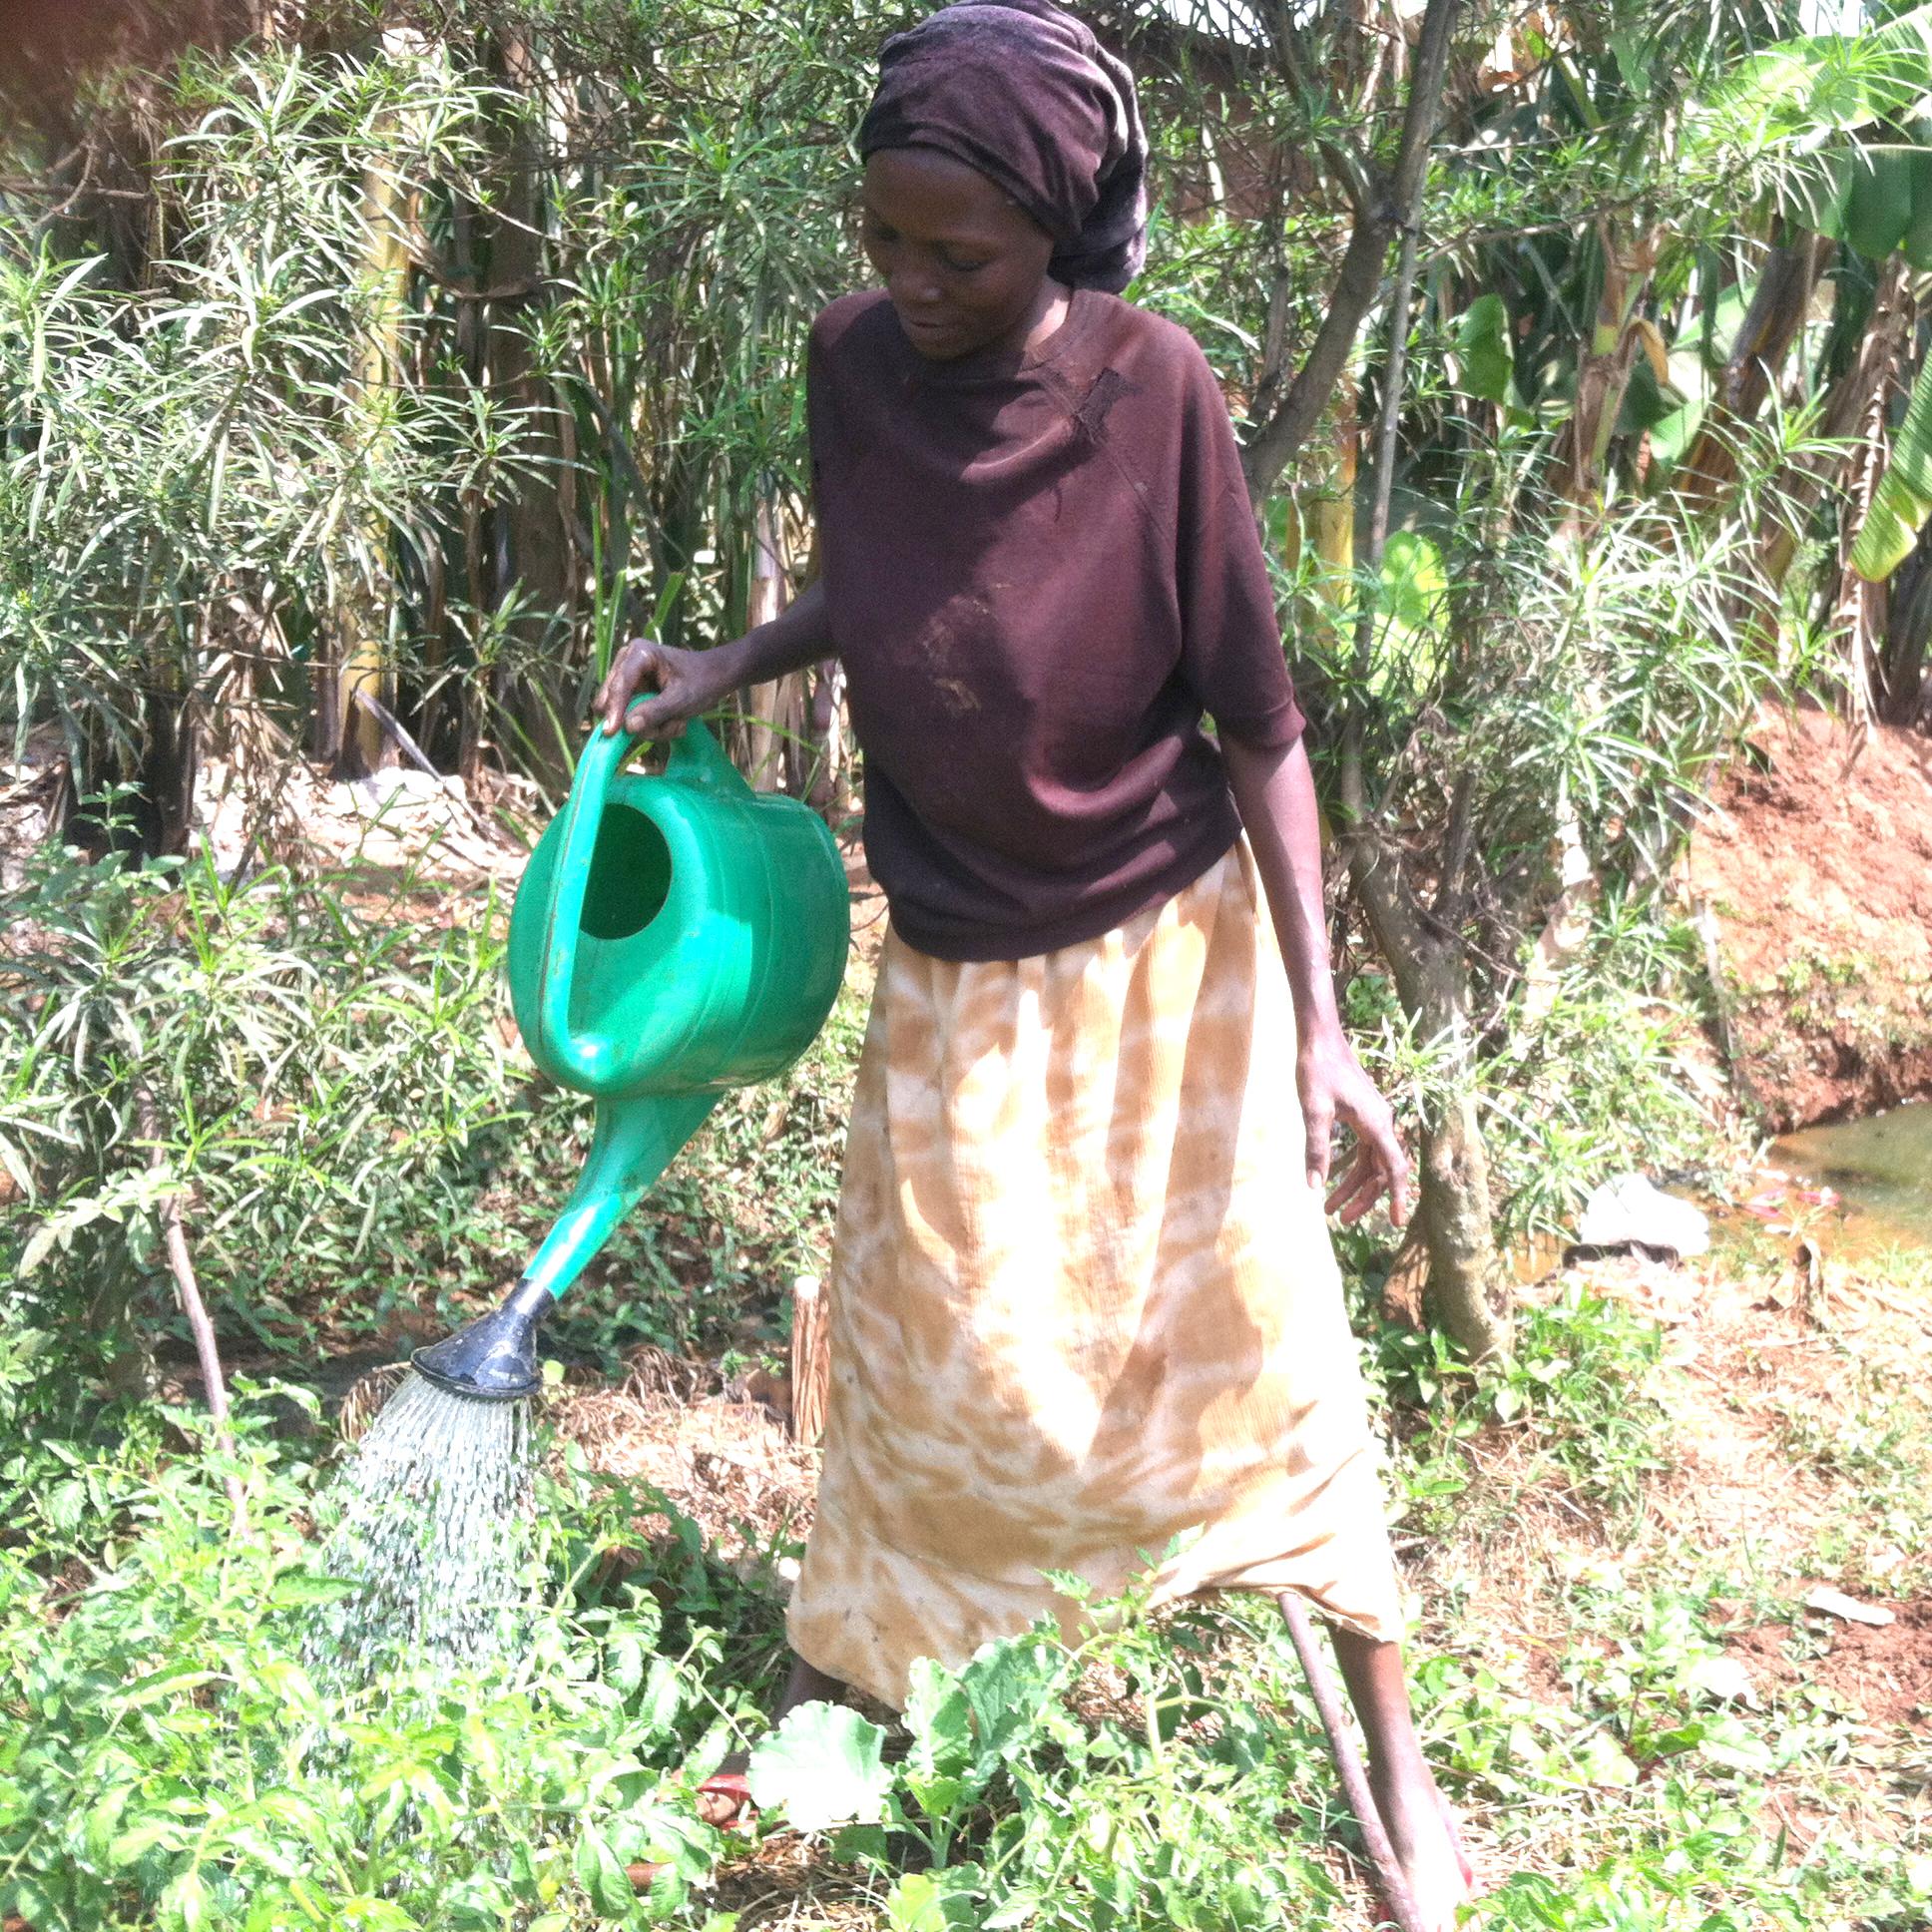 Edith watering her garden